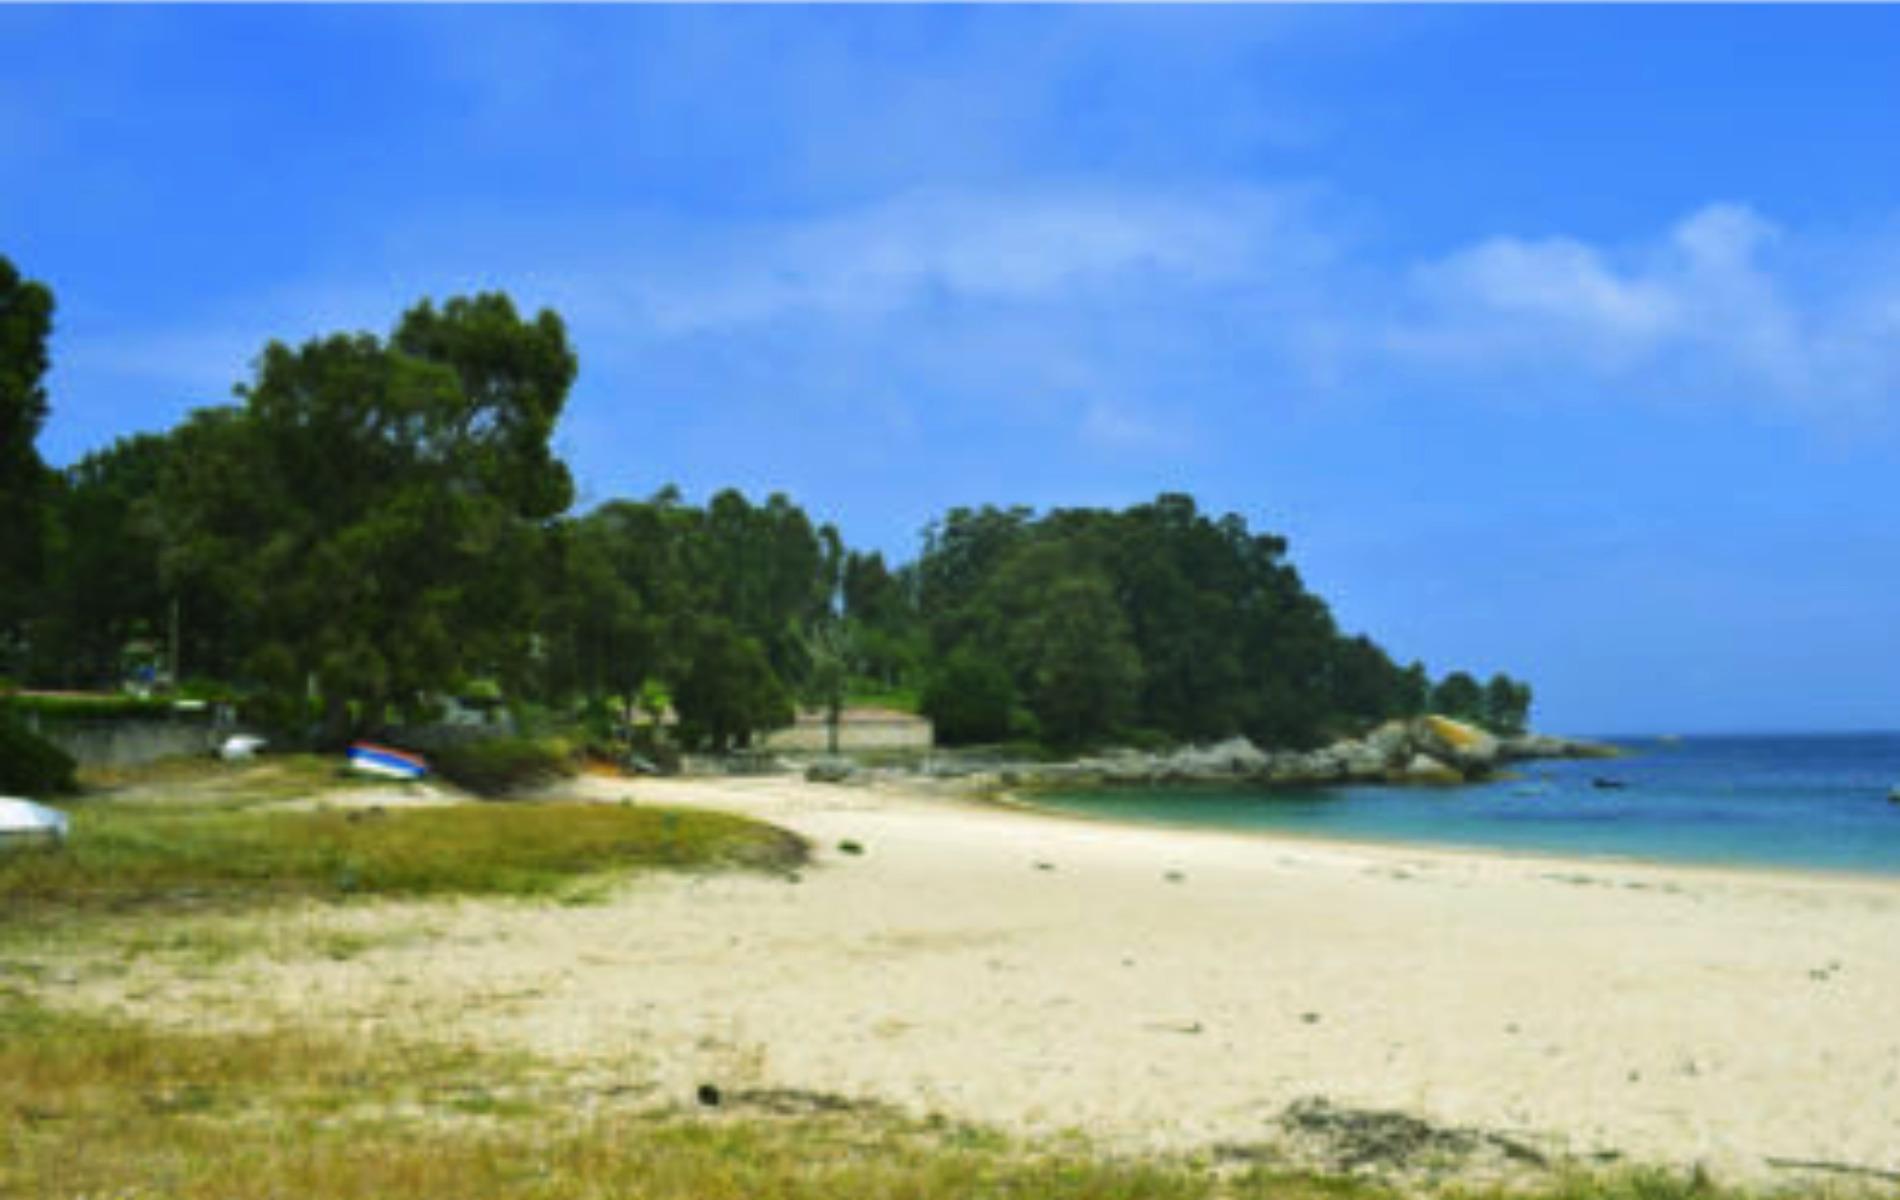 playa-arena-mar